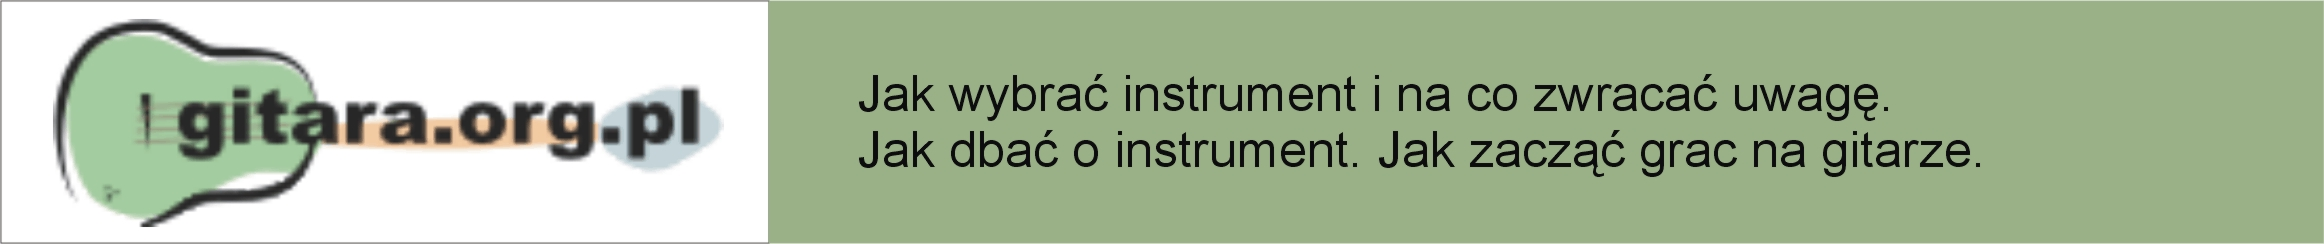 gitara_org